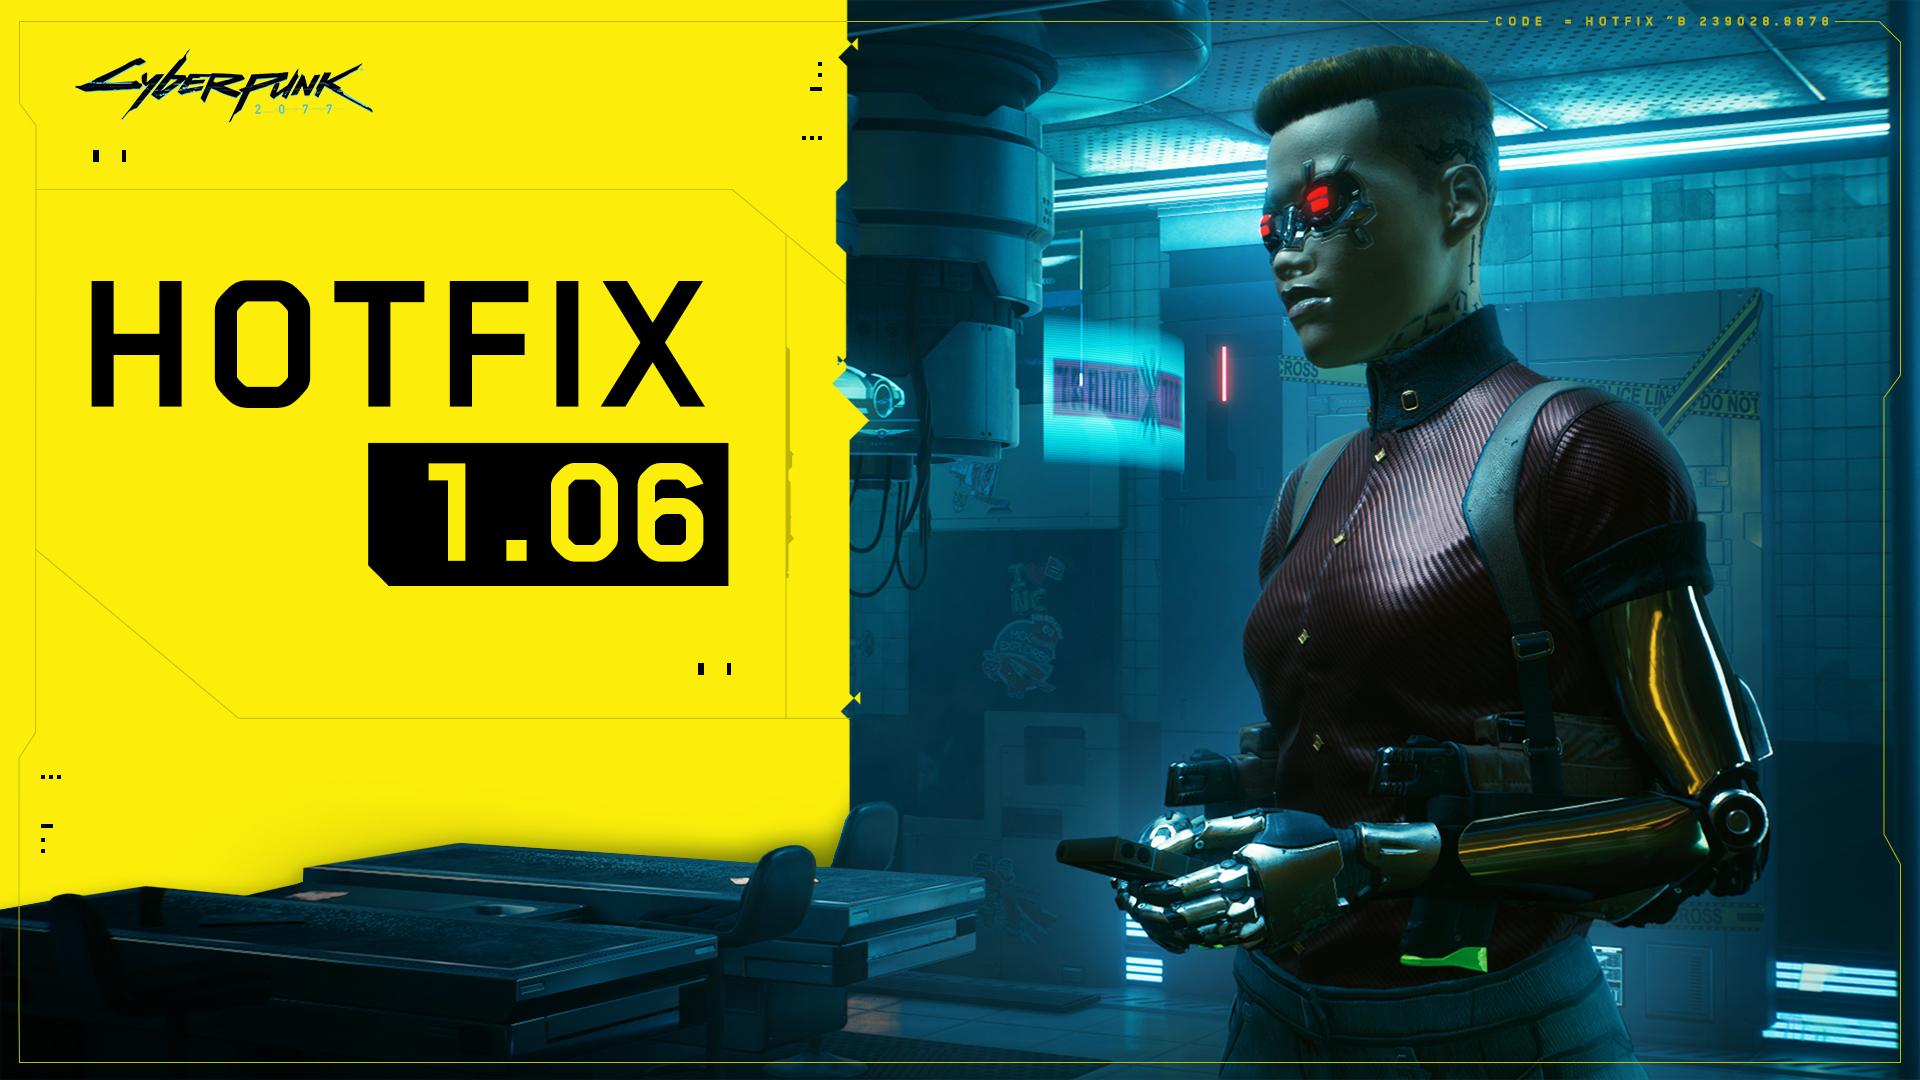 cyberpunk 2077 update 1.06